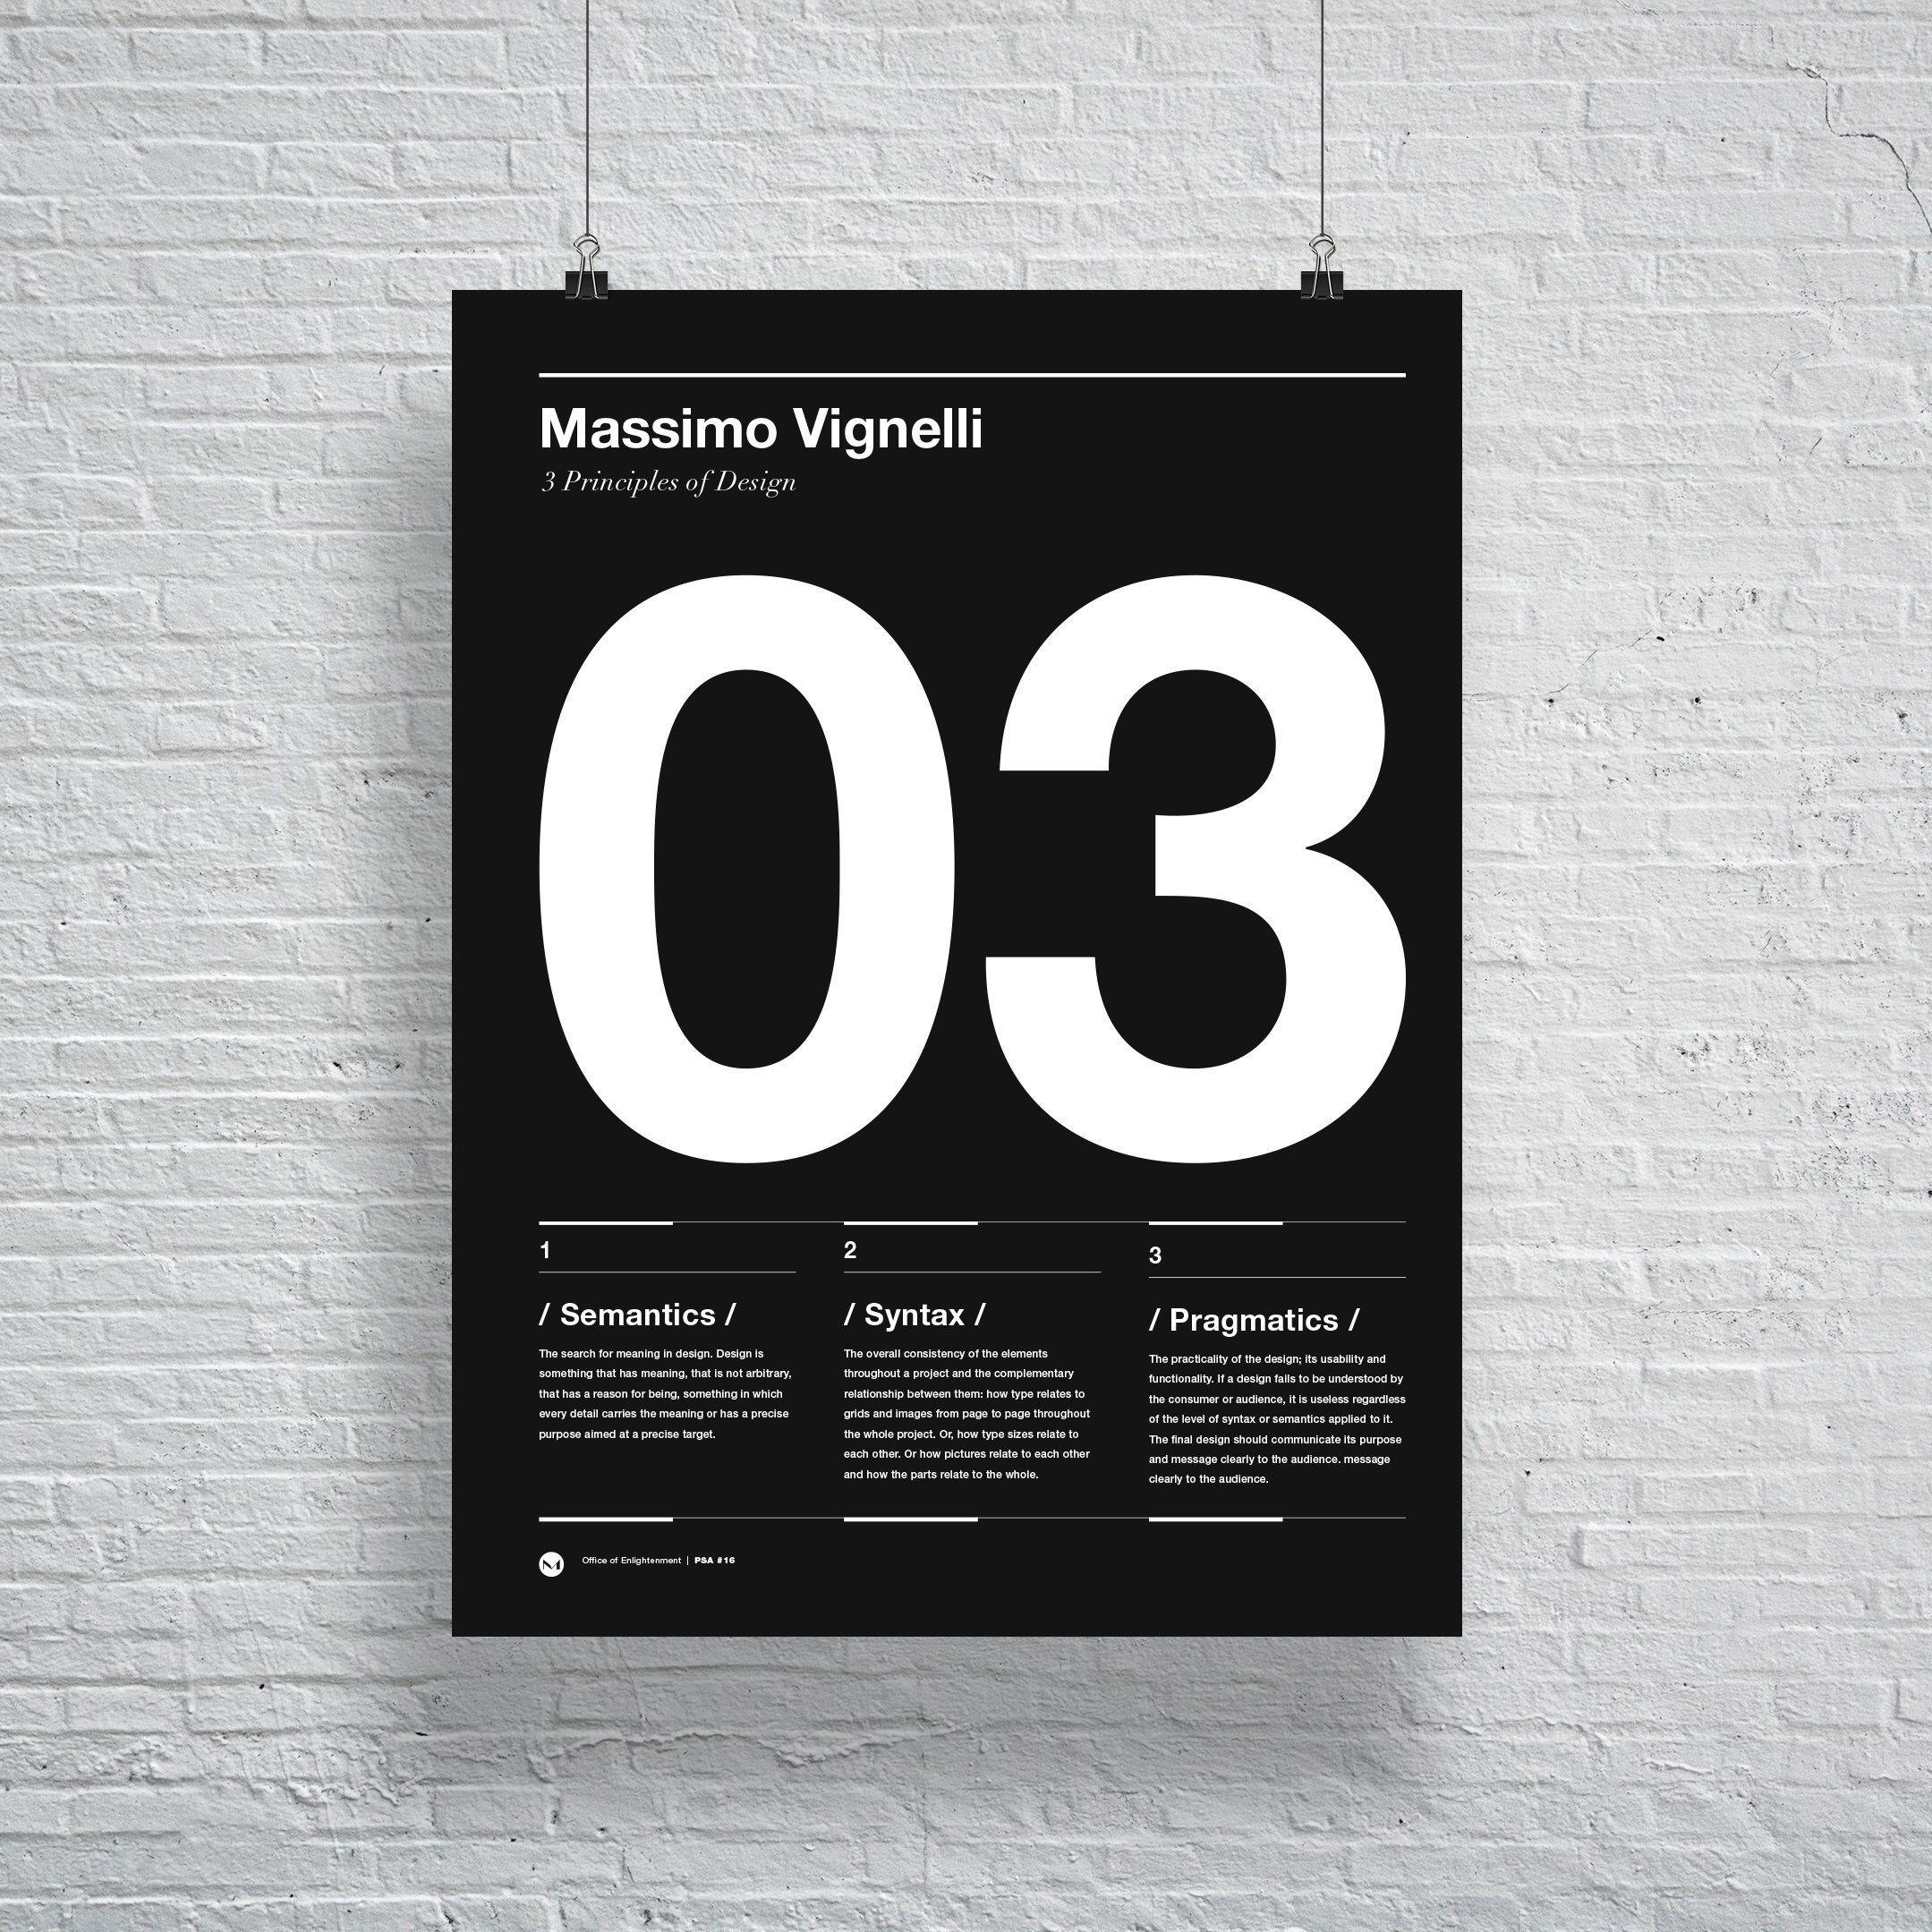 Massimo Vignelli Principals of Design Poster, Helvetica